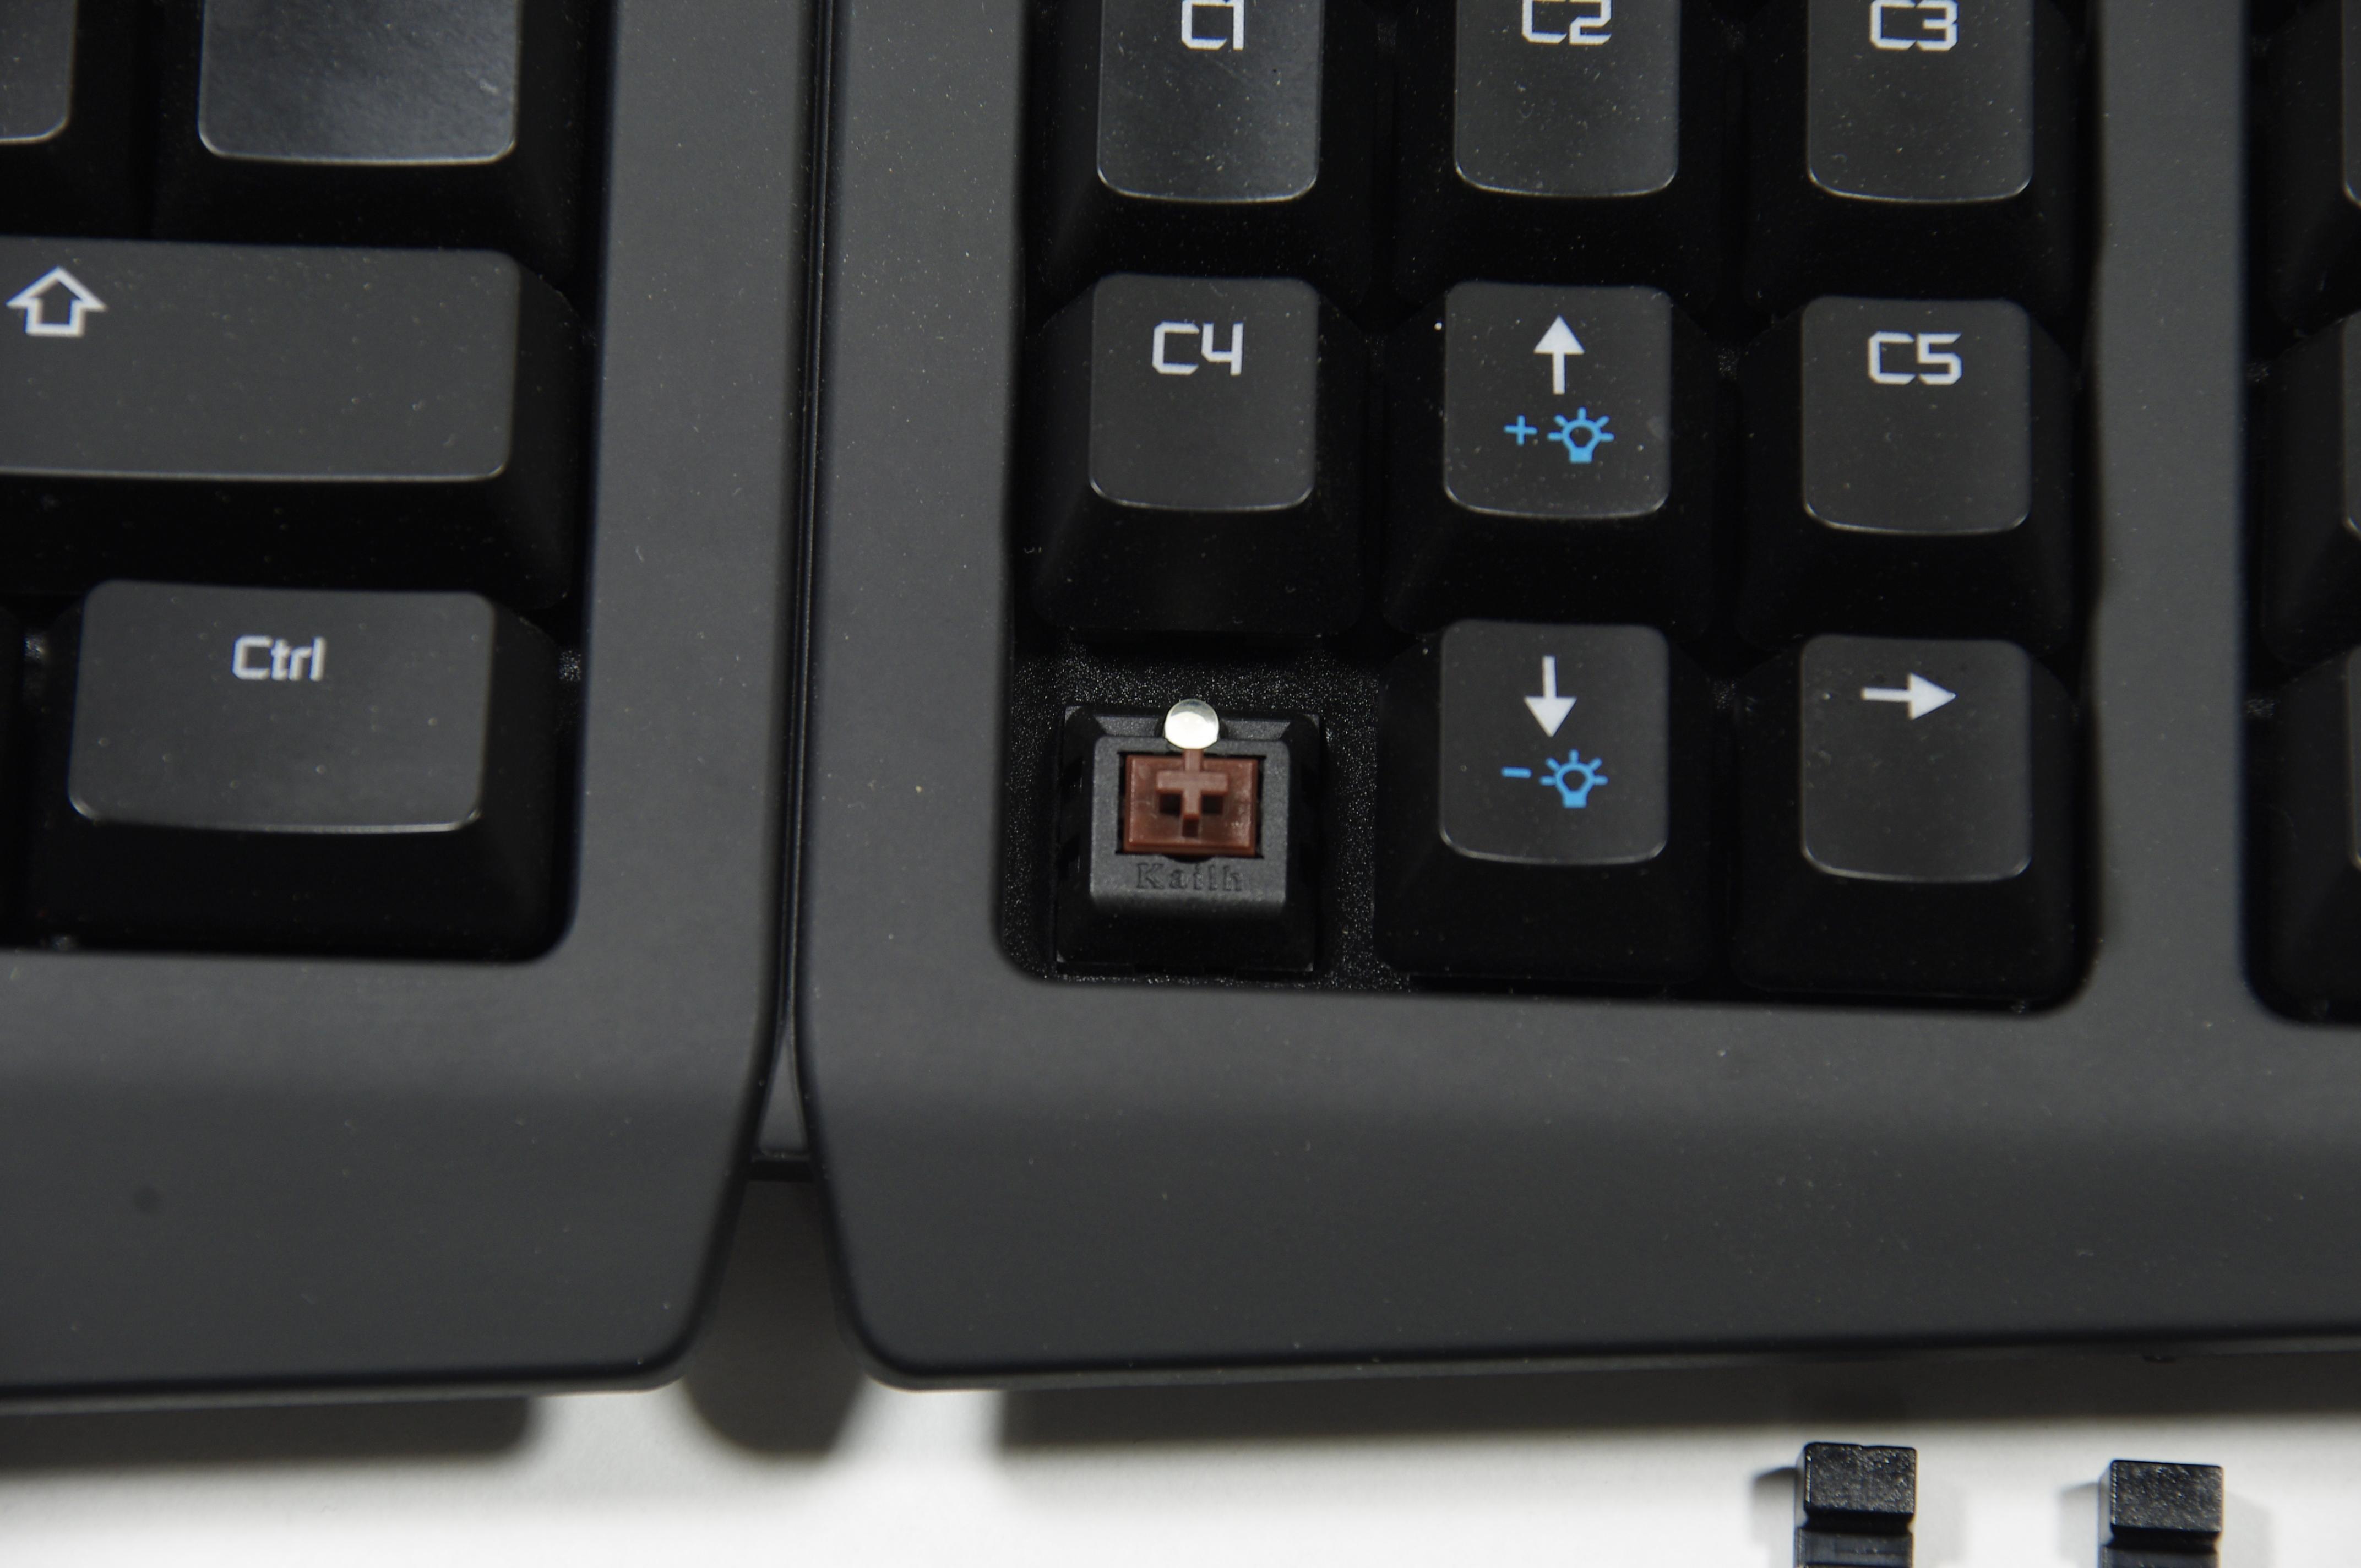 De som inte gillar Kalihs bruna brytare och kanske hellre förederar röda  eller blåa brytare får tyvärr välja ett annat tangentbord c71f1c4fd1724